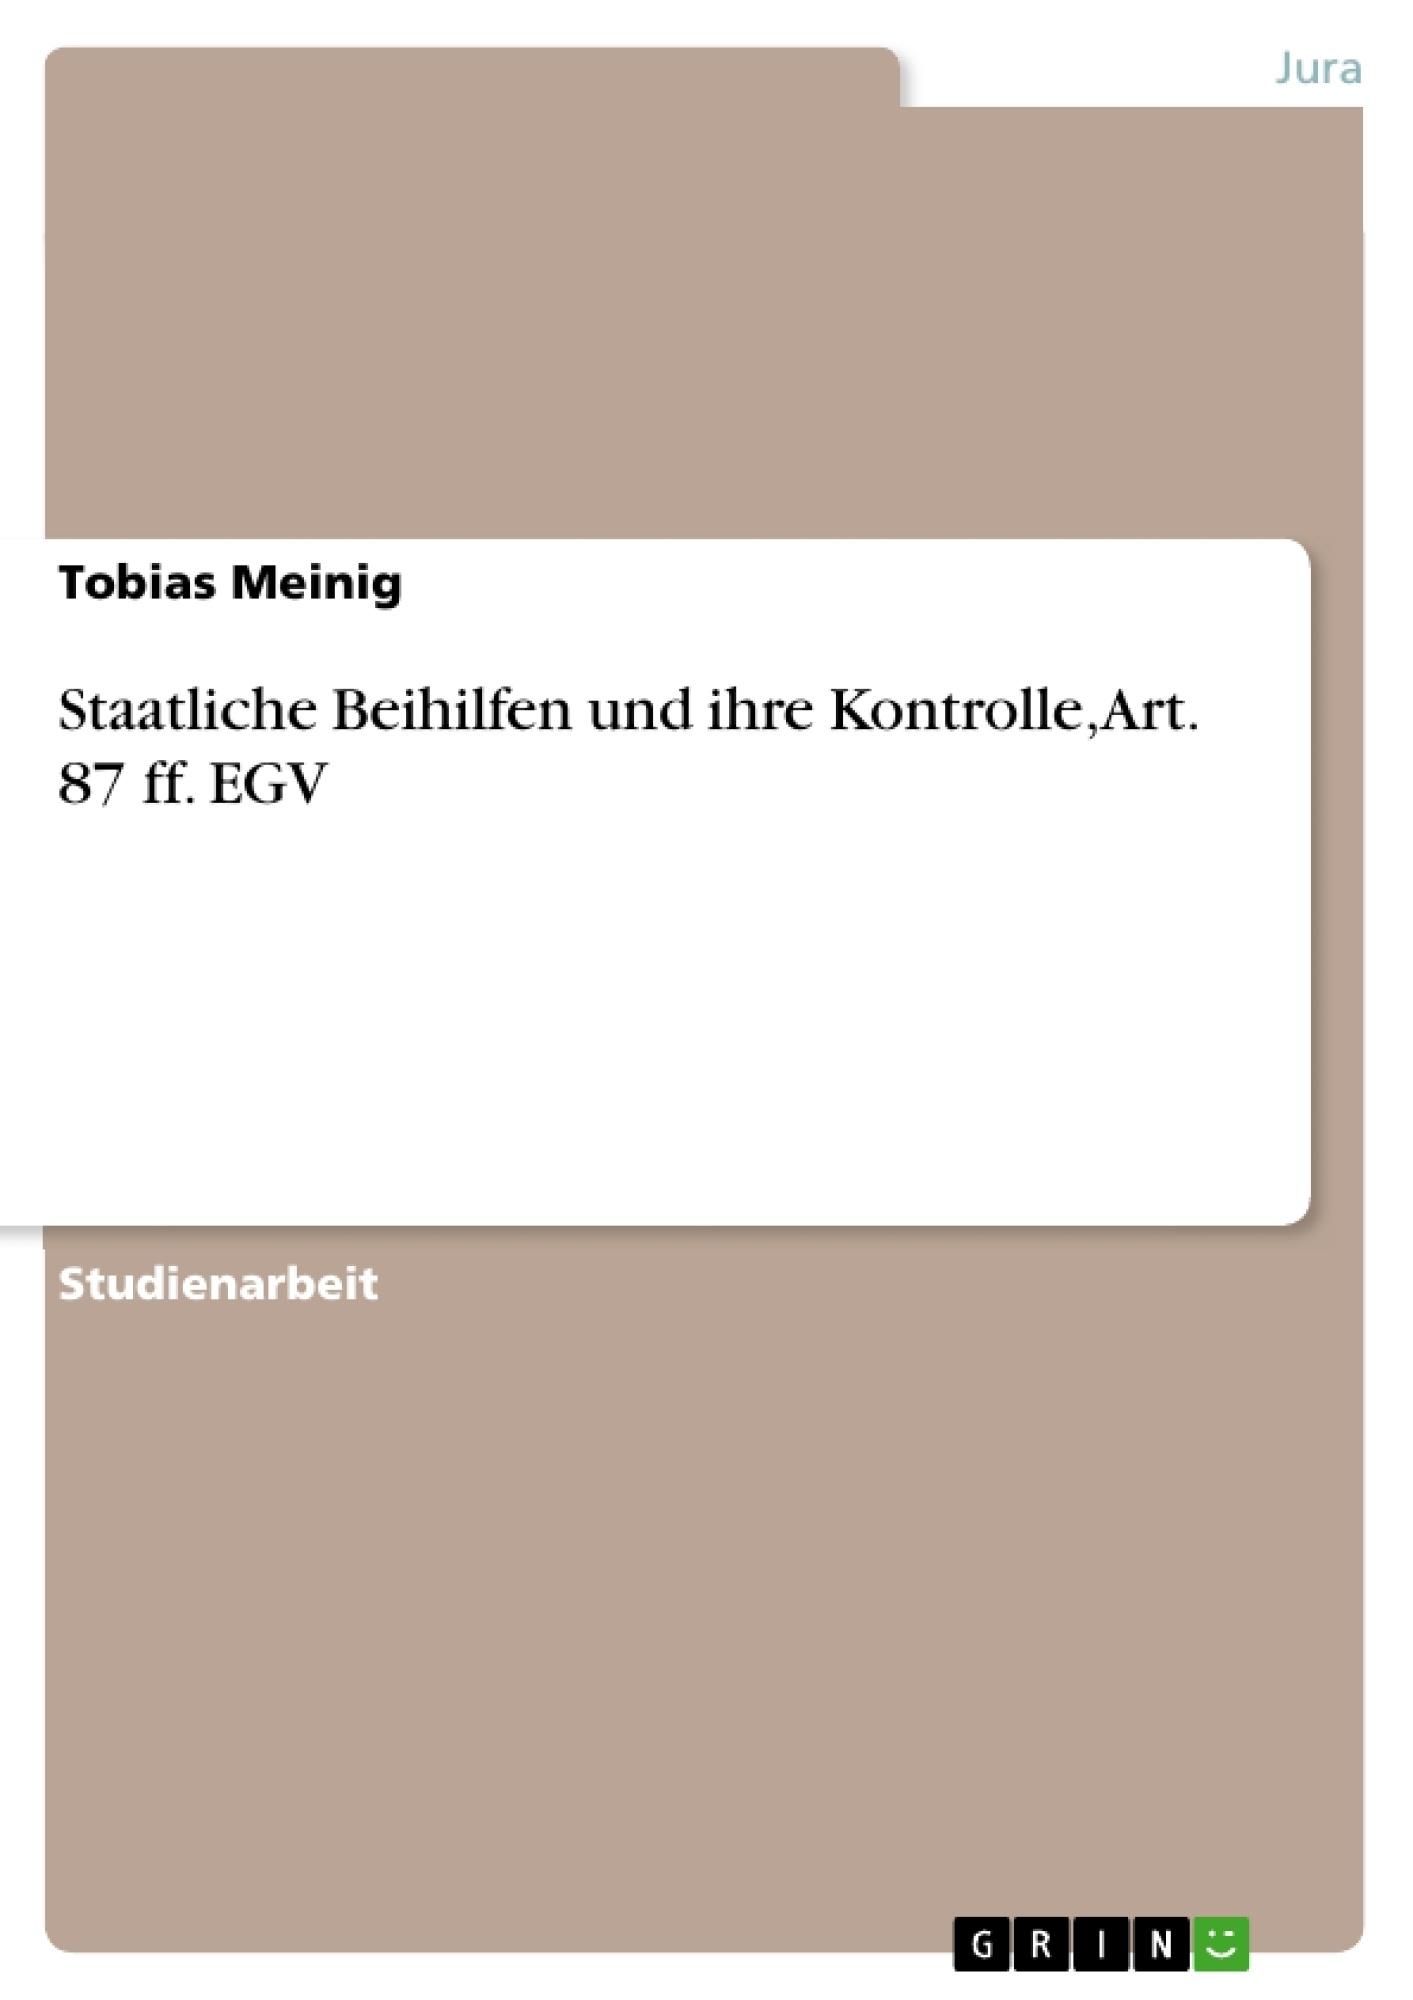 Titel: Staatliche Beihilfen und ihre Kontrolle, Art. 87 ff. EGV